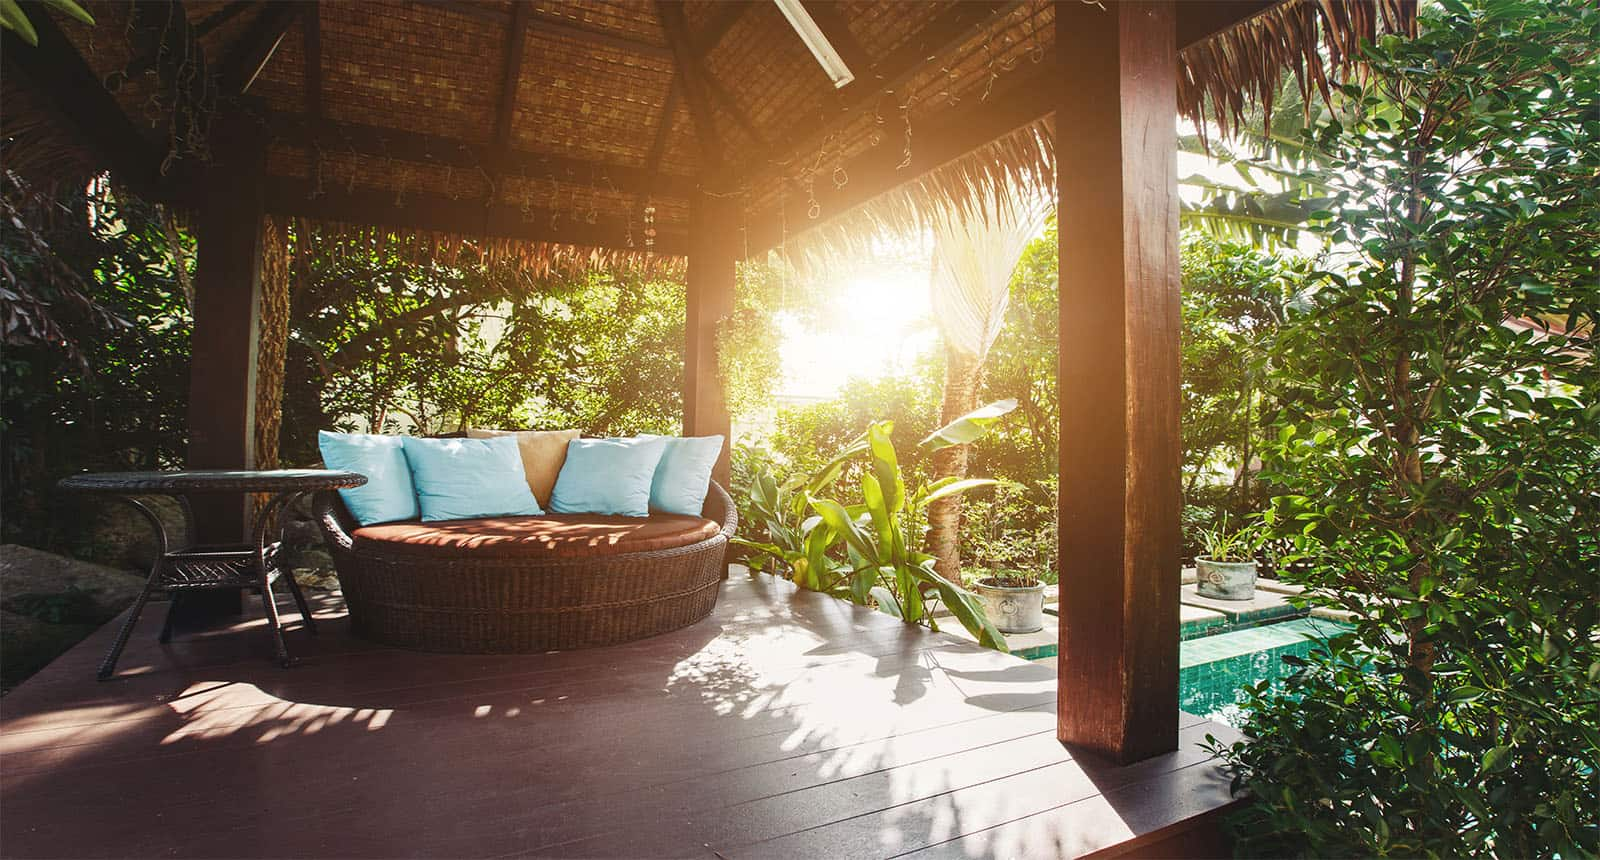 Luxury Gazebo Chair Pillows Villa